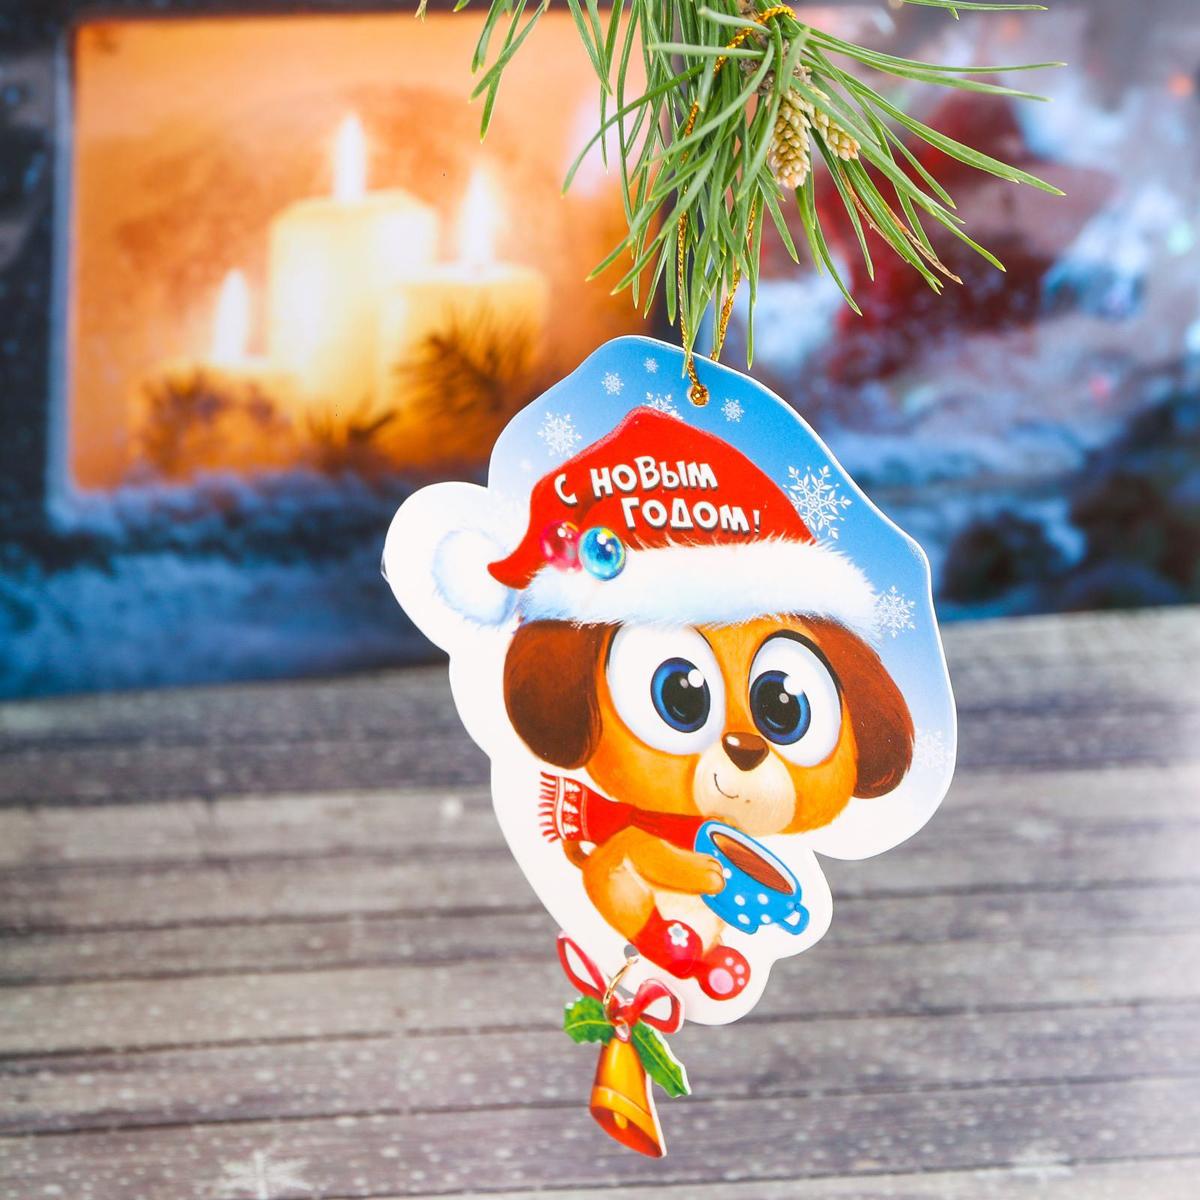 Набор новогодних подвесных украшений Sima-land Собачка в колпачке, 8,6 х 9 см, 2 шт2268144Набор новогодних подвесных украшений Sima-land отлично подойдет для декорации вашего дома и новогодней ели. С помощью специальной петельки украшение можно повесить в любом понравившемся вам месте. Но, конечно, удачнее всего оно будет смотреться на праздничной елке. Елочная игрушка - символ Нового года. Она несет в себе волшебство и красоту праздника. Создайте в своем доме атмосферу веселья и радости, украшая новогоднюю елку нарядными игрушками, которые будут из года в год накапливать теплоту воспоминаний.